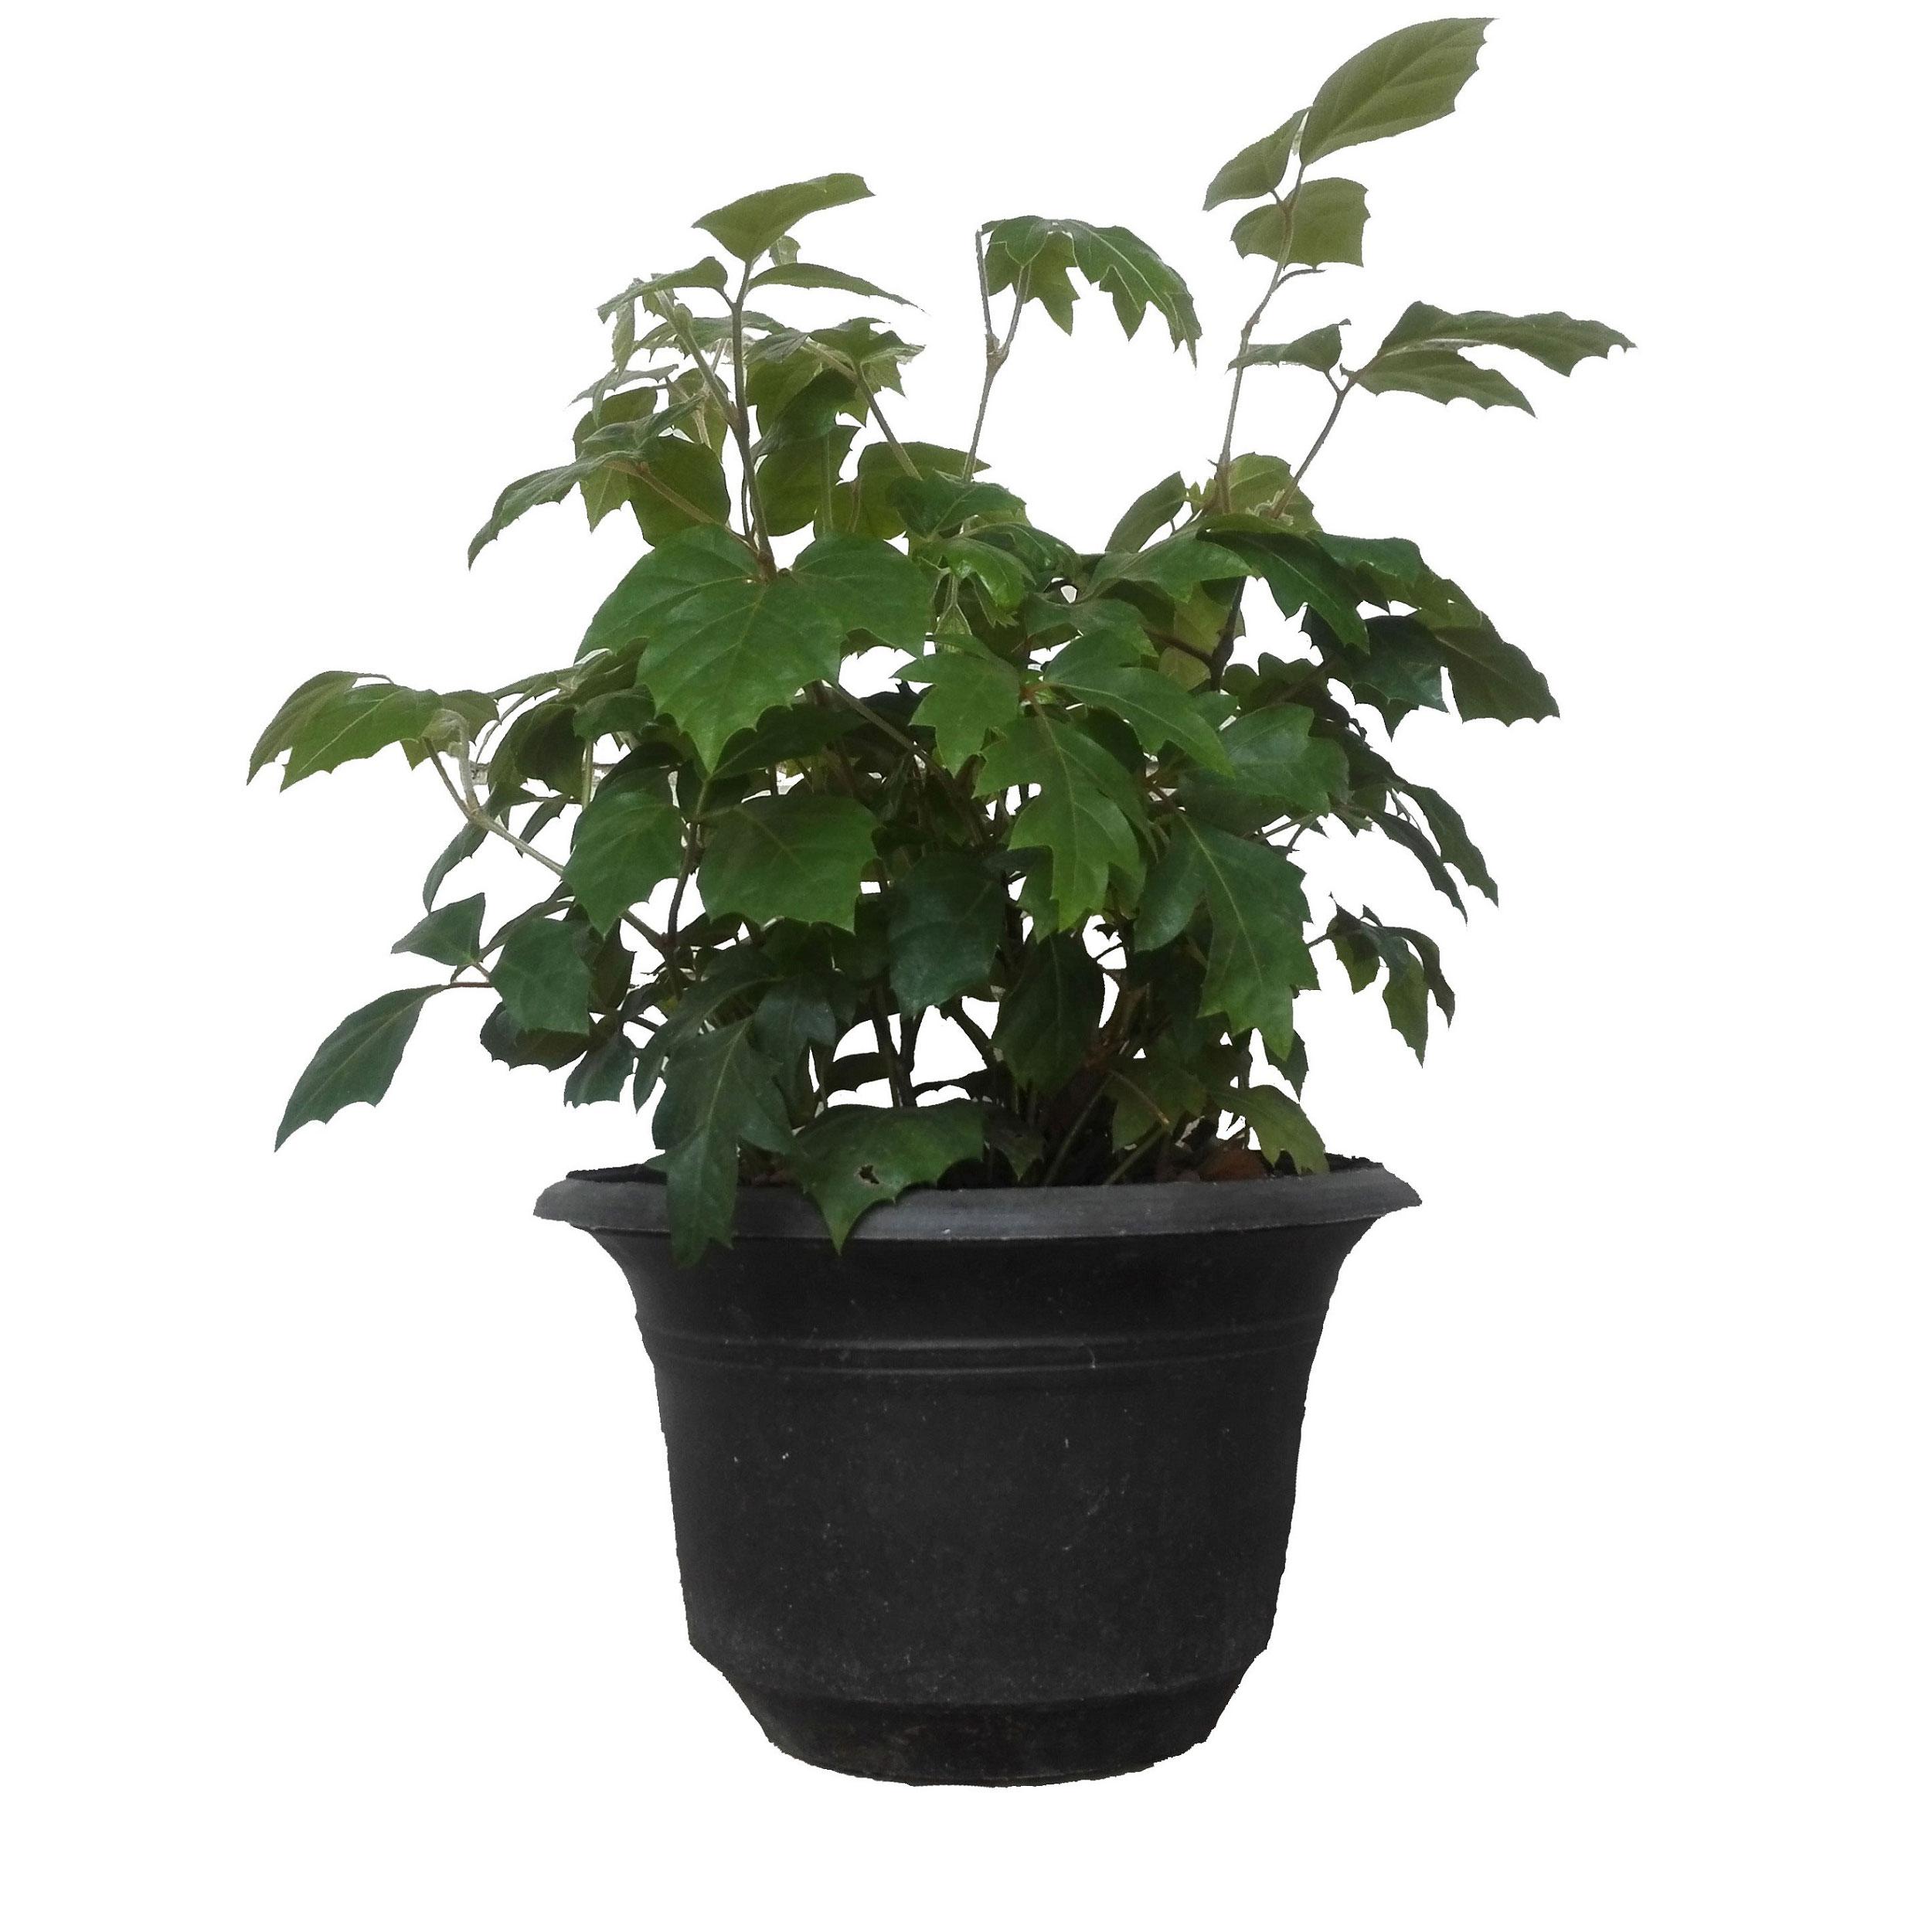 گل طبیعی سیسوس پیچ کانگورو  کد 111